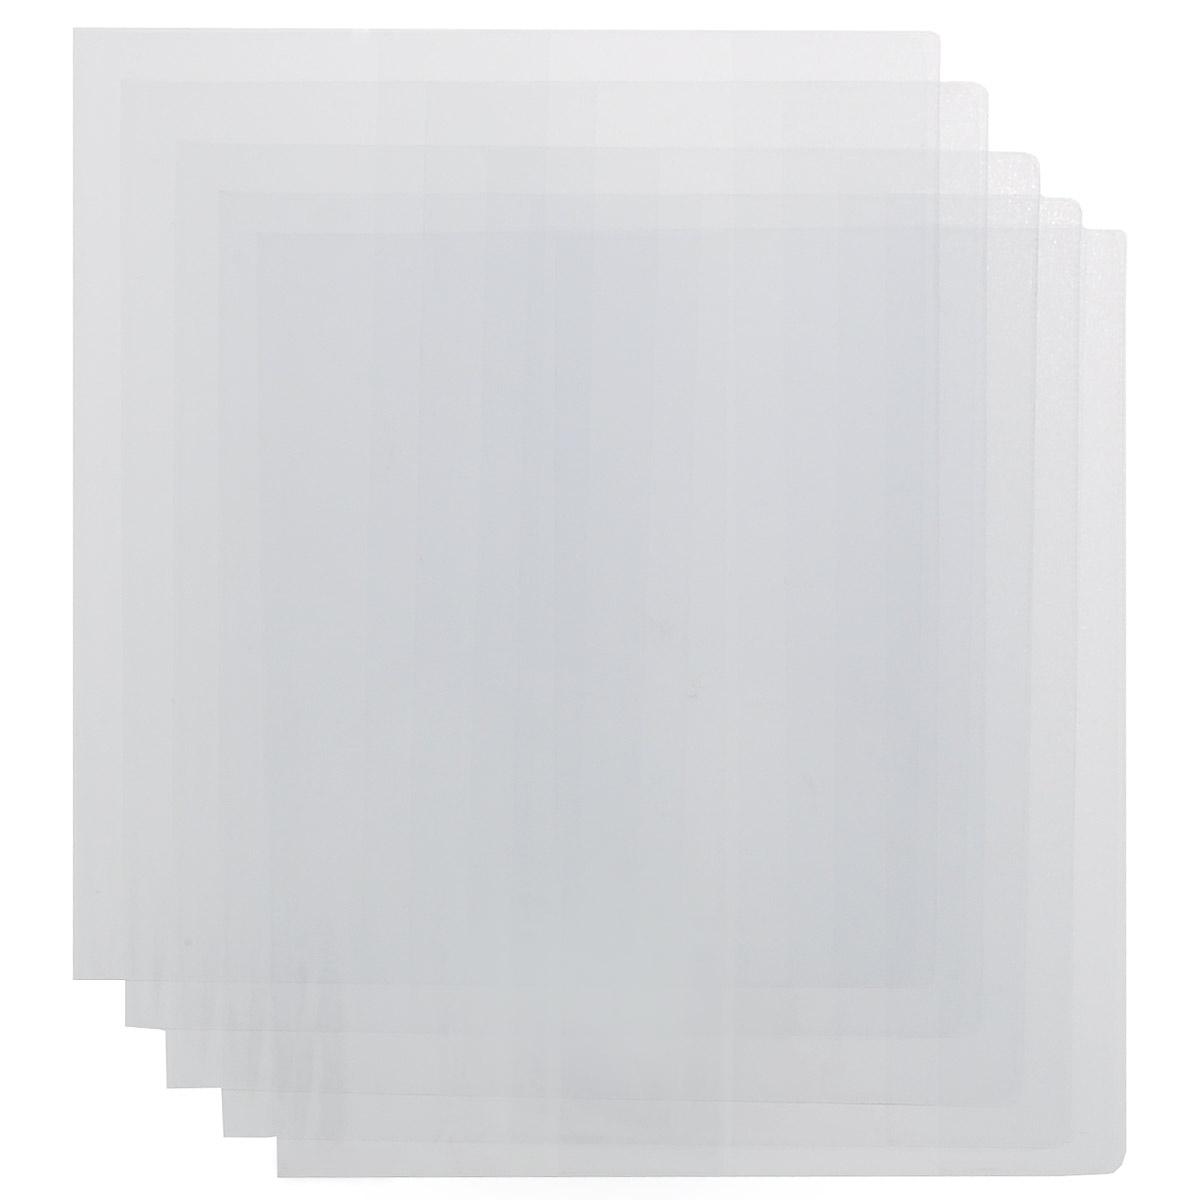 Набор обложек для учебников Брупак, цвет: прозрачный, 26,7 см х 50,8 см, 5 шт72523WDНабор цветных обложек для учебников Брупак предназначены для защиты от пыли, грязи и механических повреждений. Обложки с прозрачными клапанами.